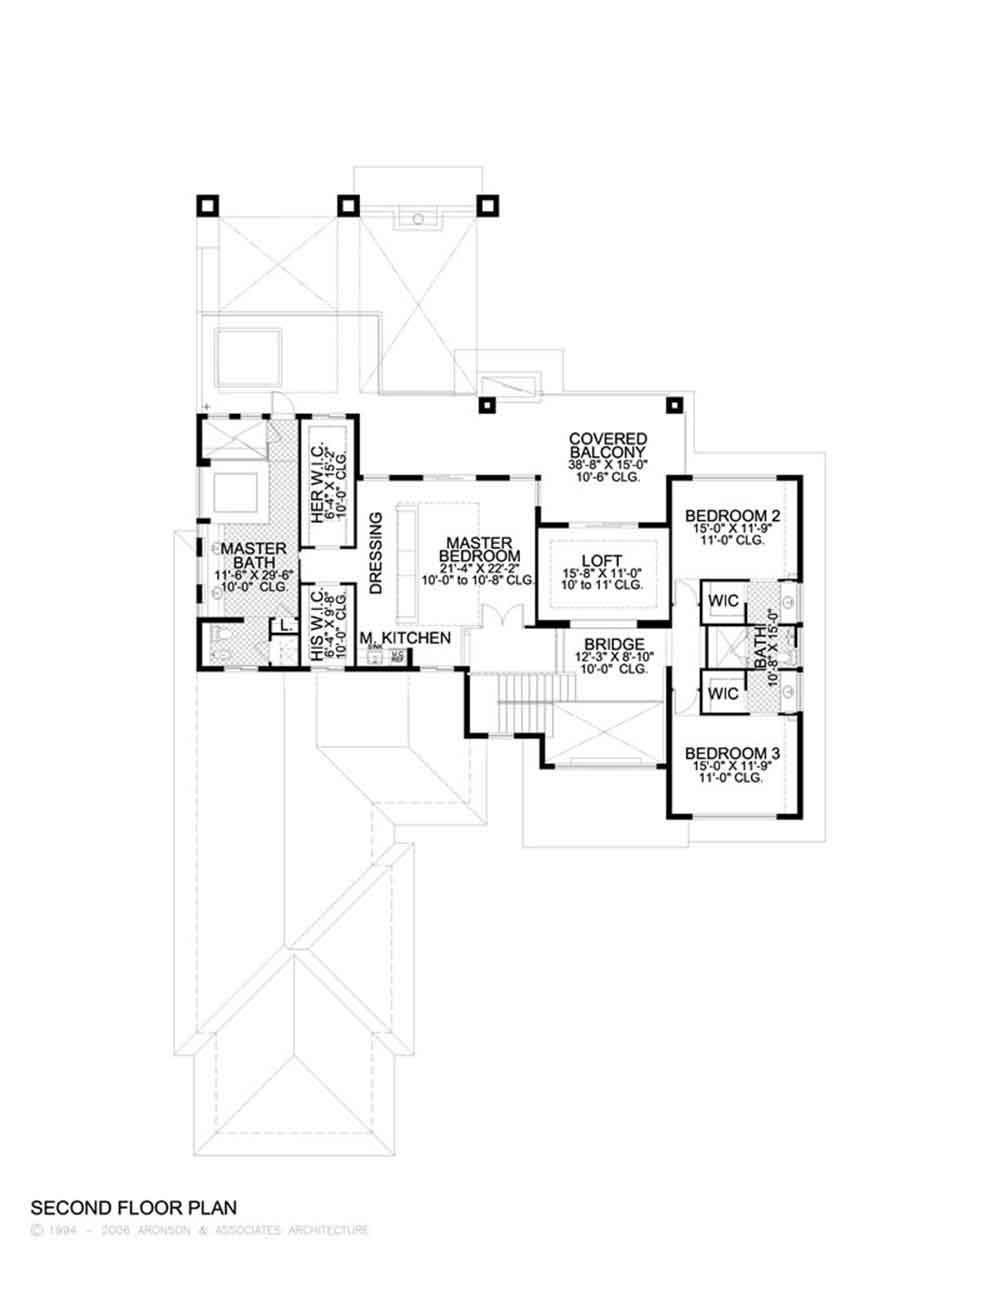 Planos y fachada de una casa habitaci n moderna de 2 for Planos en linea